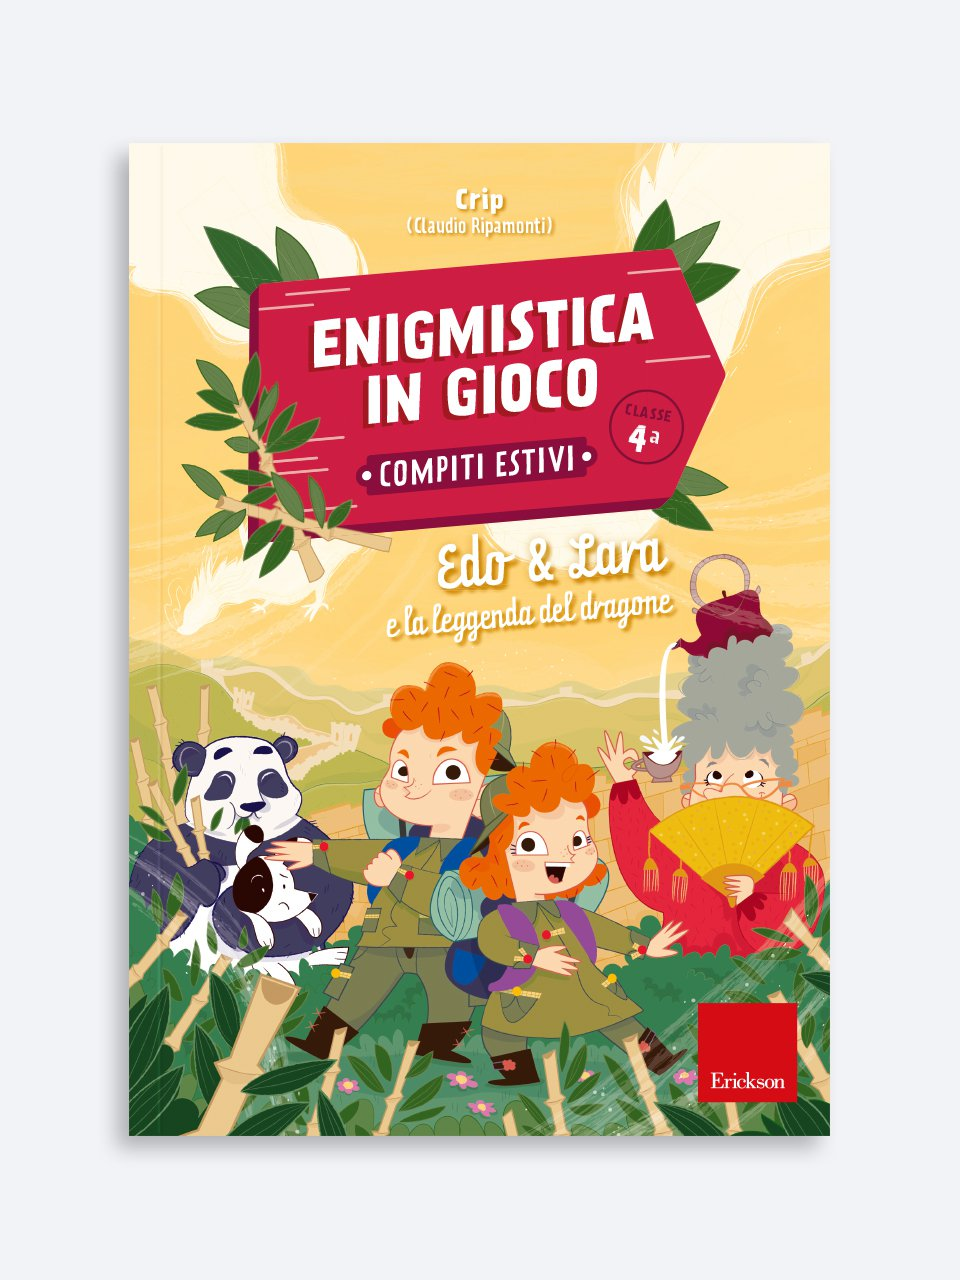 Enigmistica in gioco -  Compiti estivi - Classe quarta - I compiti possono essere tutta un'altra cosa... - Erickson